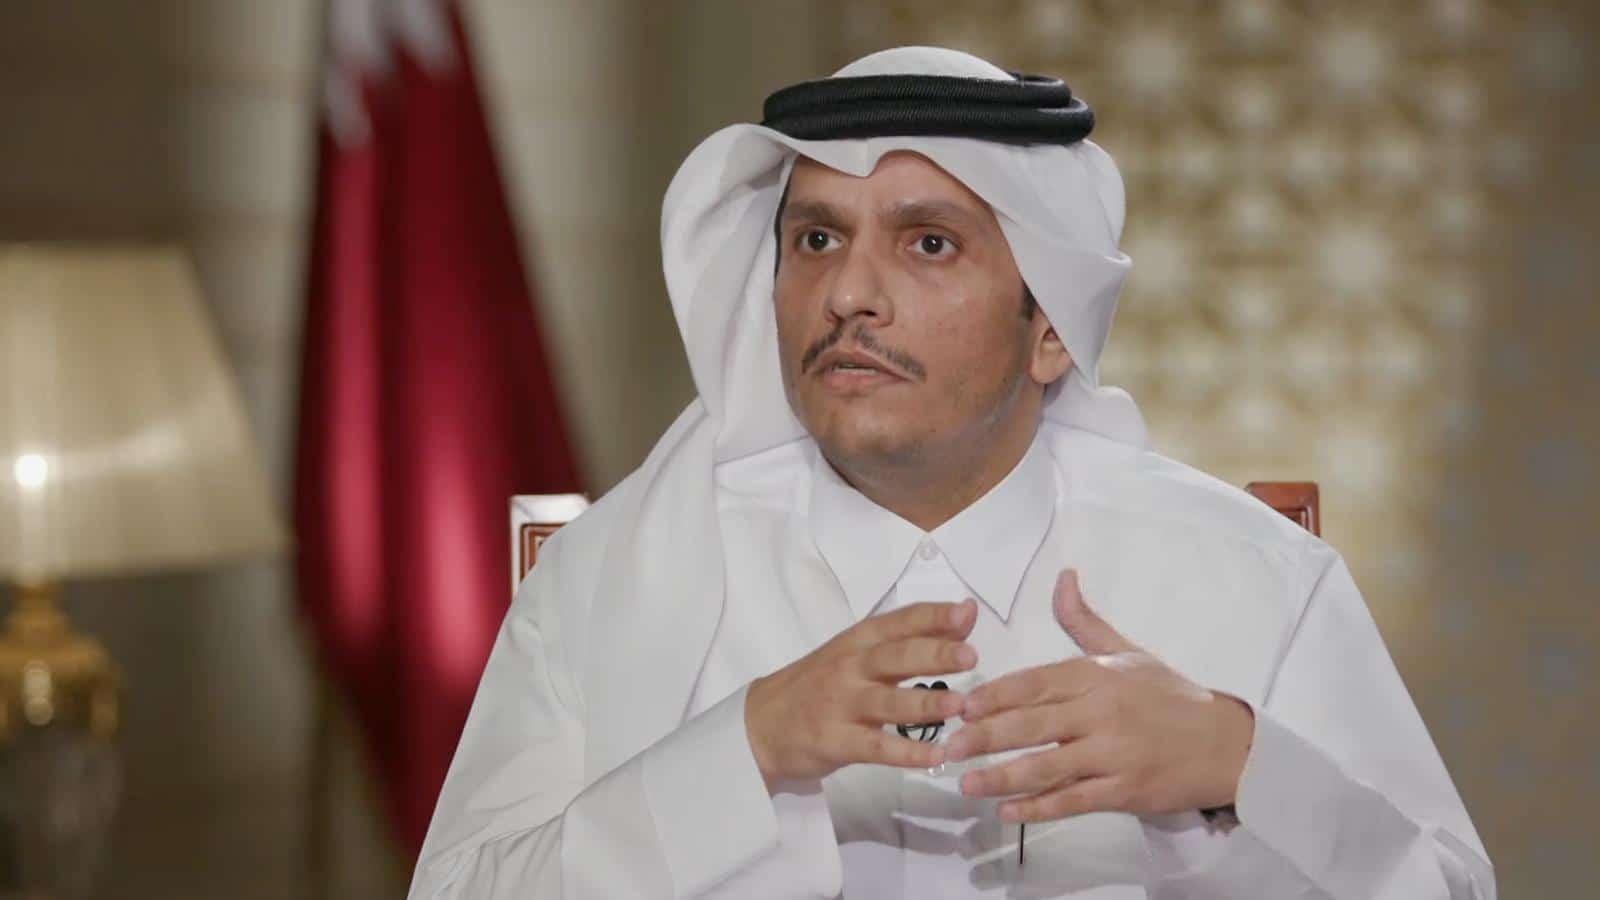 الدوحة ليس لديها ما تُخفيه.. تصريحات هامة لوزير الخارجية القطري وضعت النقاط على الحروف